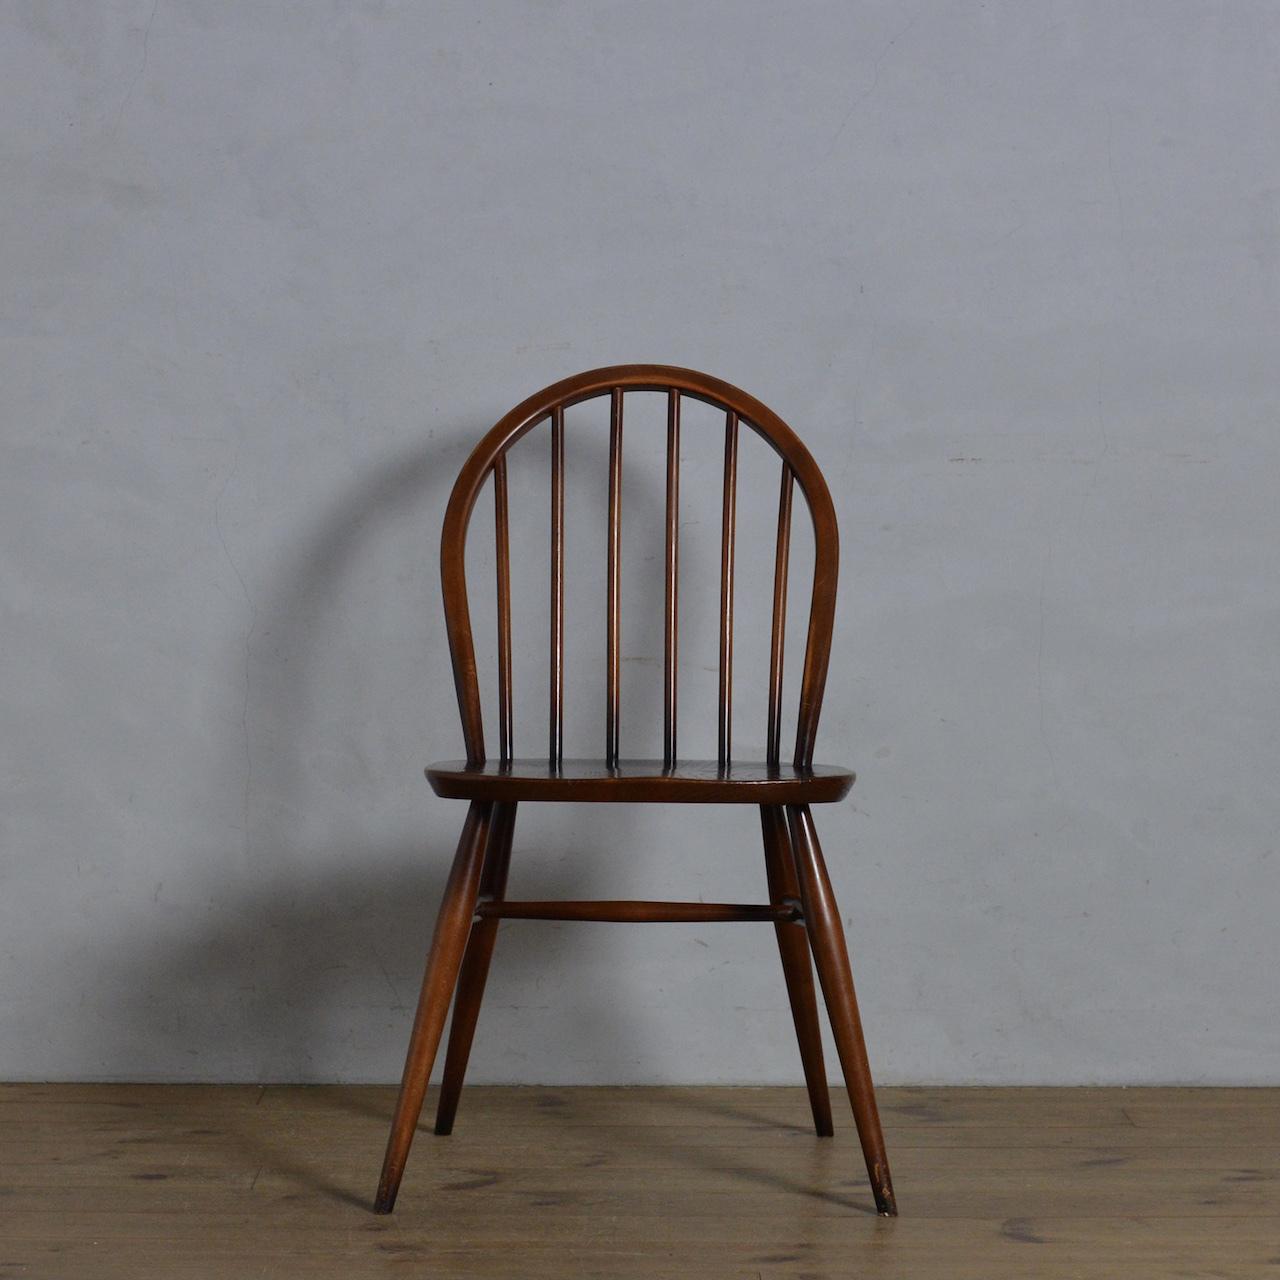 Ercol Hoopback Chair 【A】/ アーコール フープバック チェア 〈ダイニングチェア・デスクチェア・椅子・コロニアル・ウィンザーチェア〉SB2101-0002 【A】